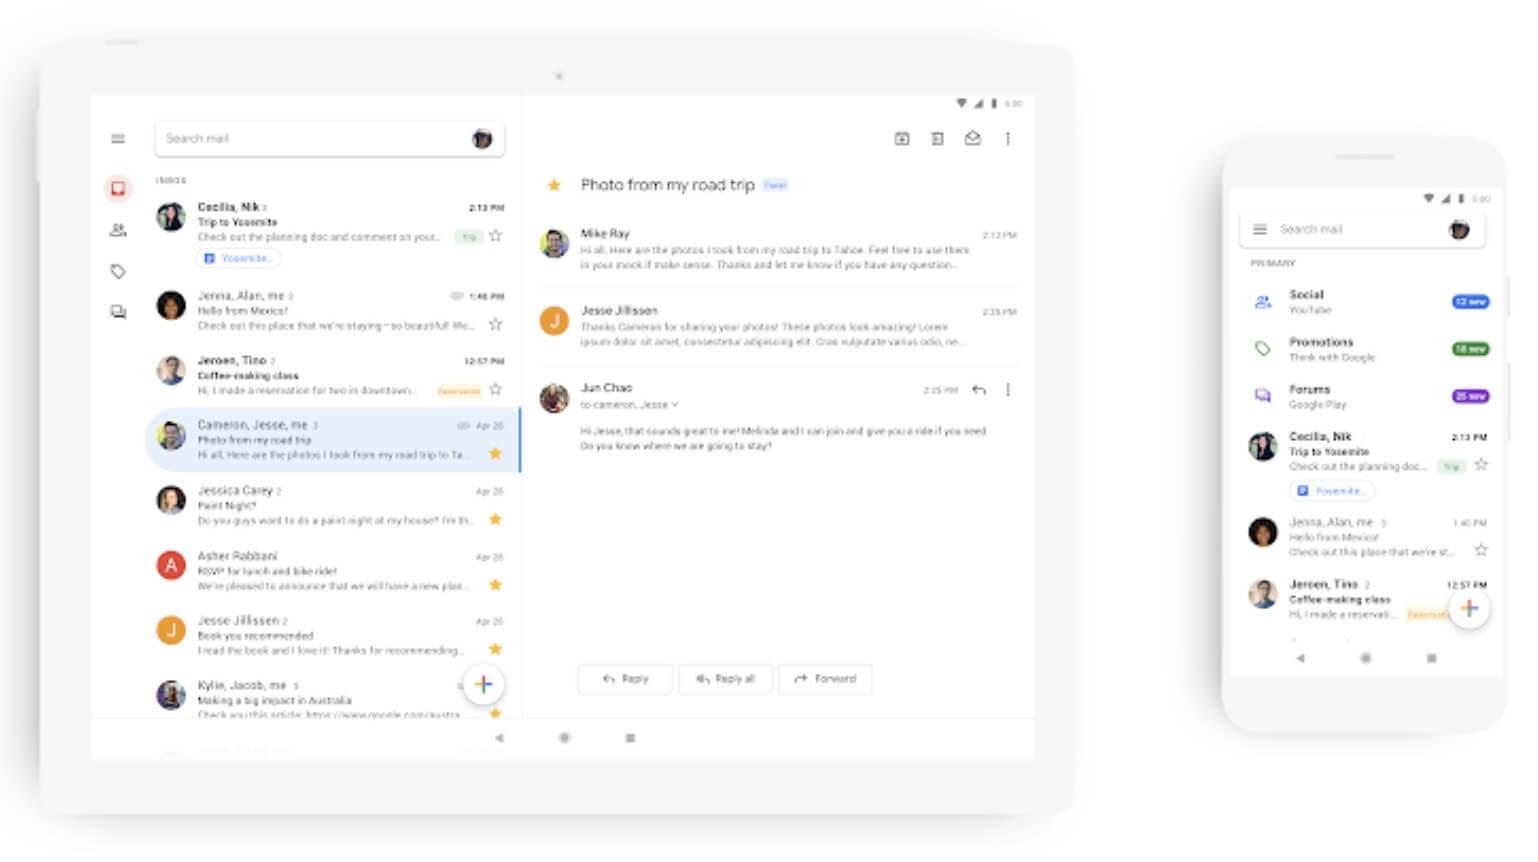 احصل على نظام أندرويد الرسمي – استبدال تطبيق البريد الإلكتروني